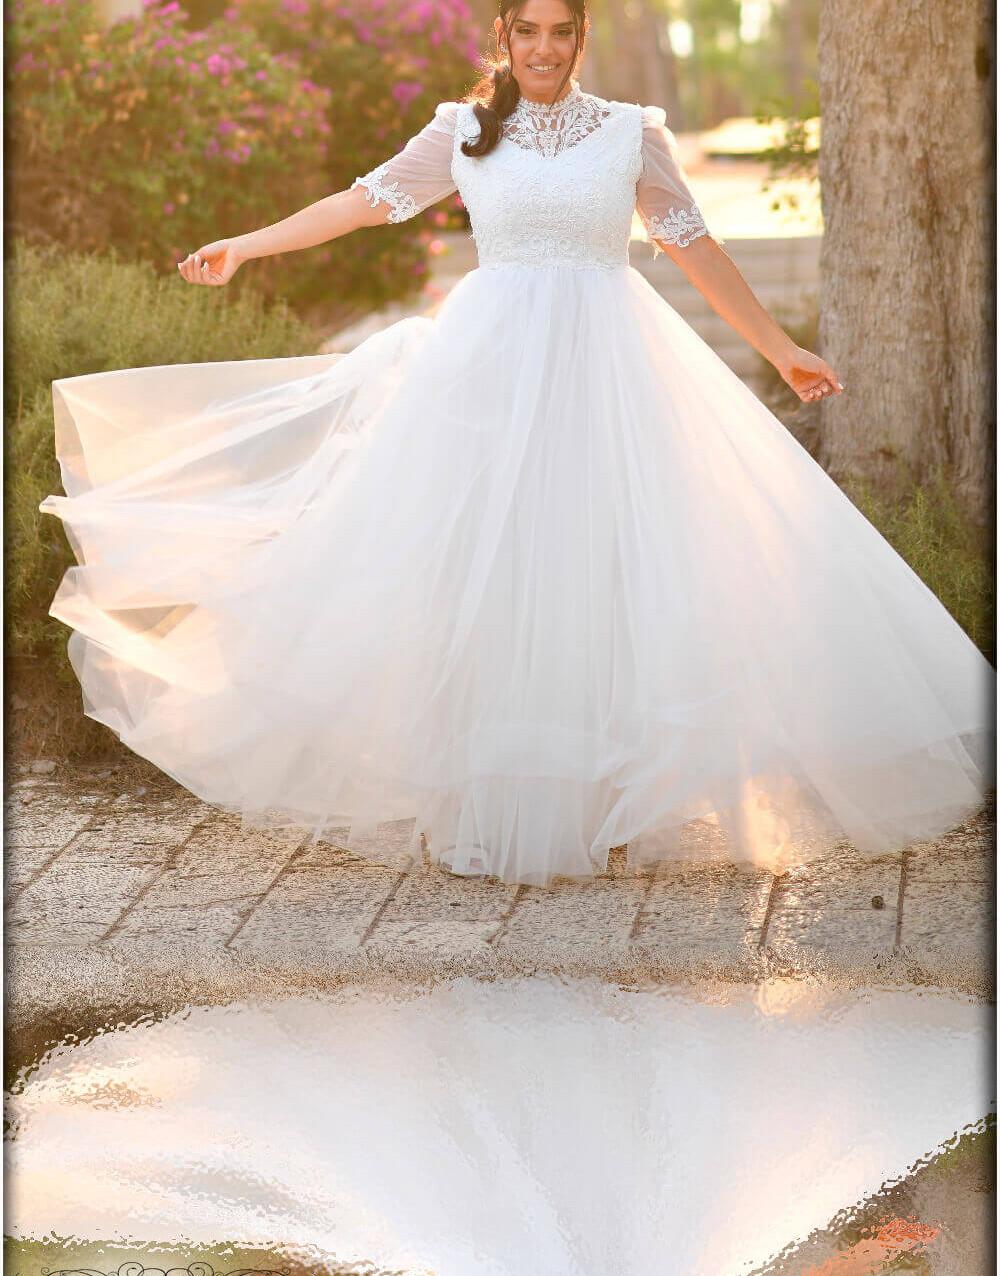 שמלת כלה צנוע עם צווארון עדין ושרוולים ט